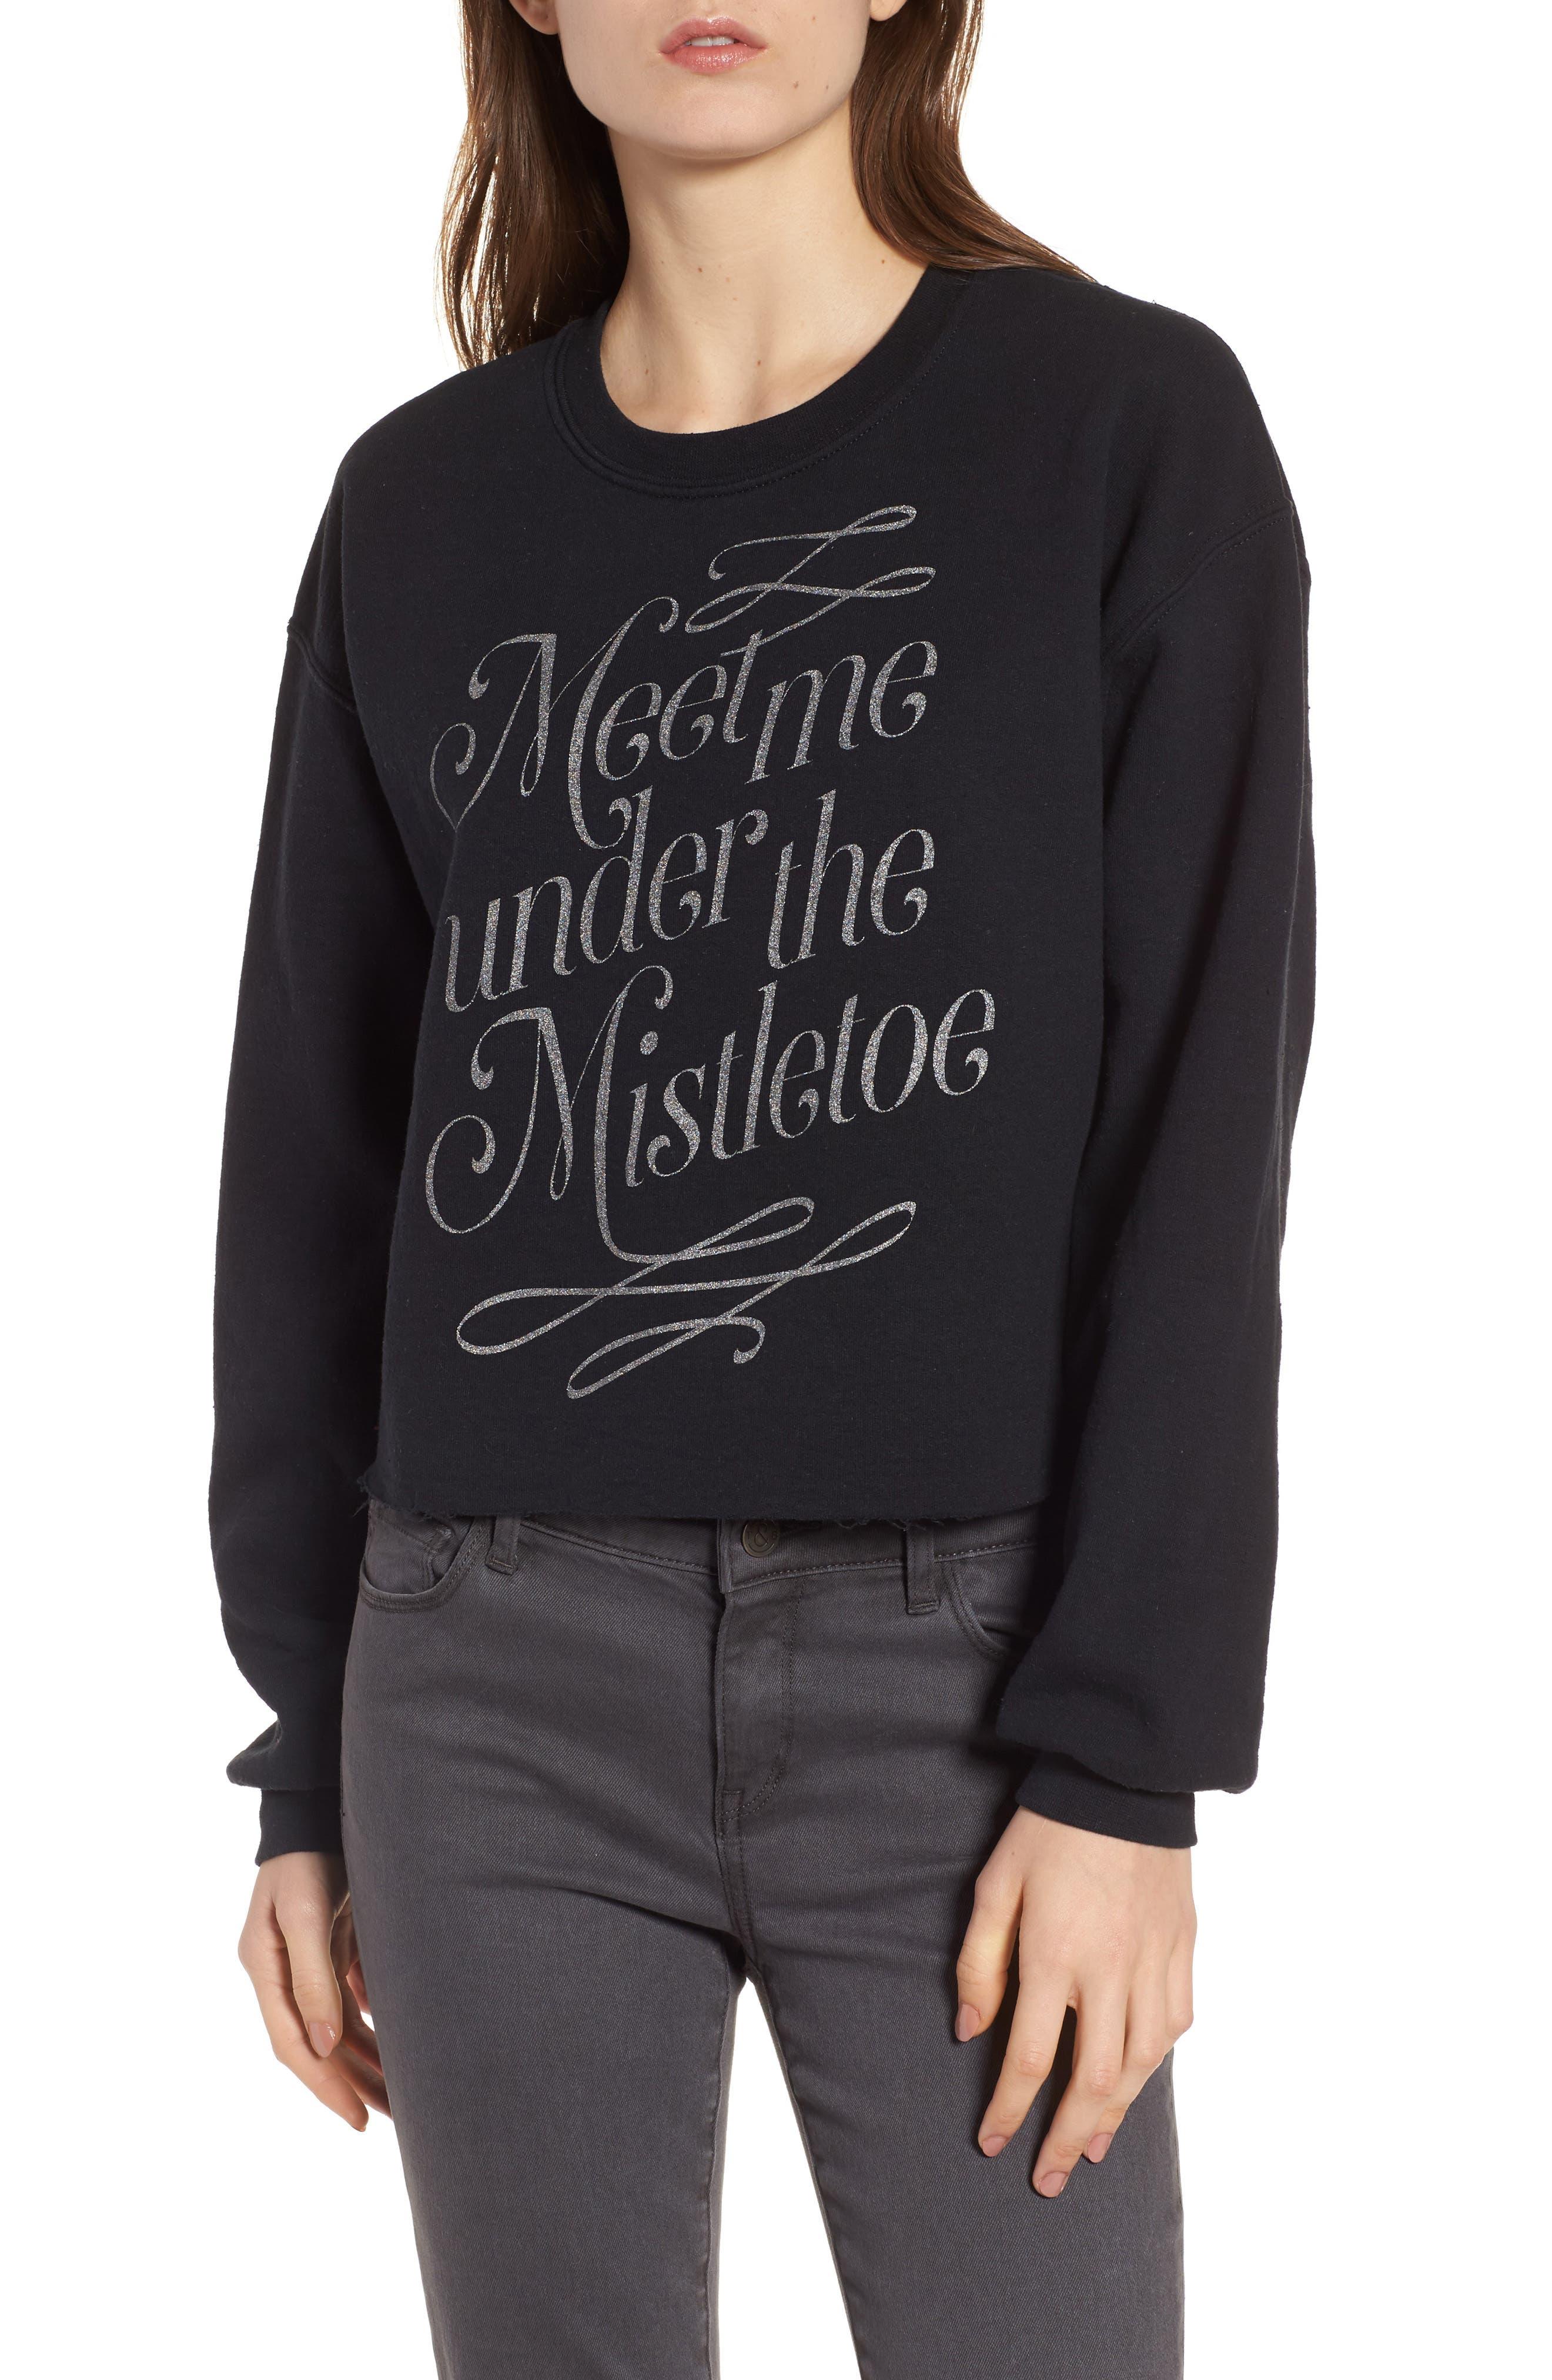 Mistletoe Sweatshirt,                             Main thumbnail 1, color,                             001